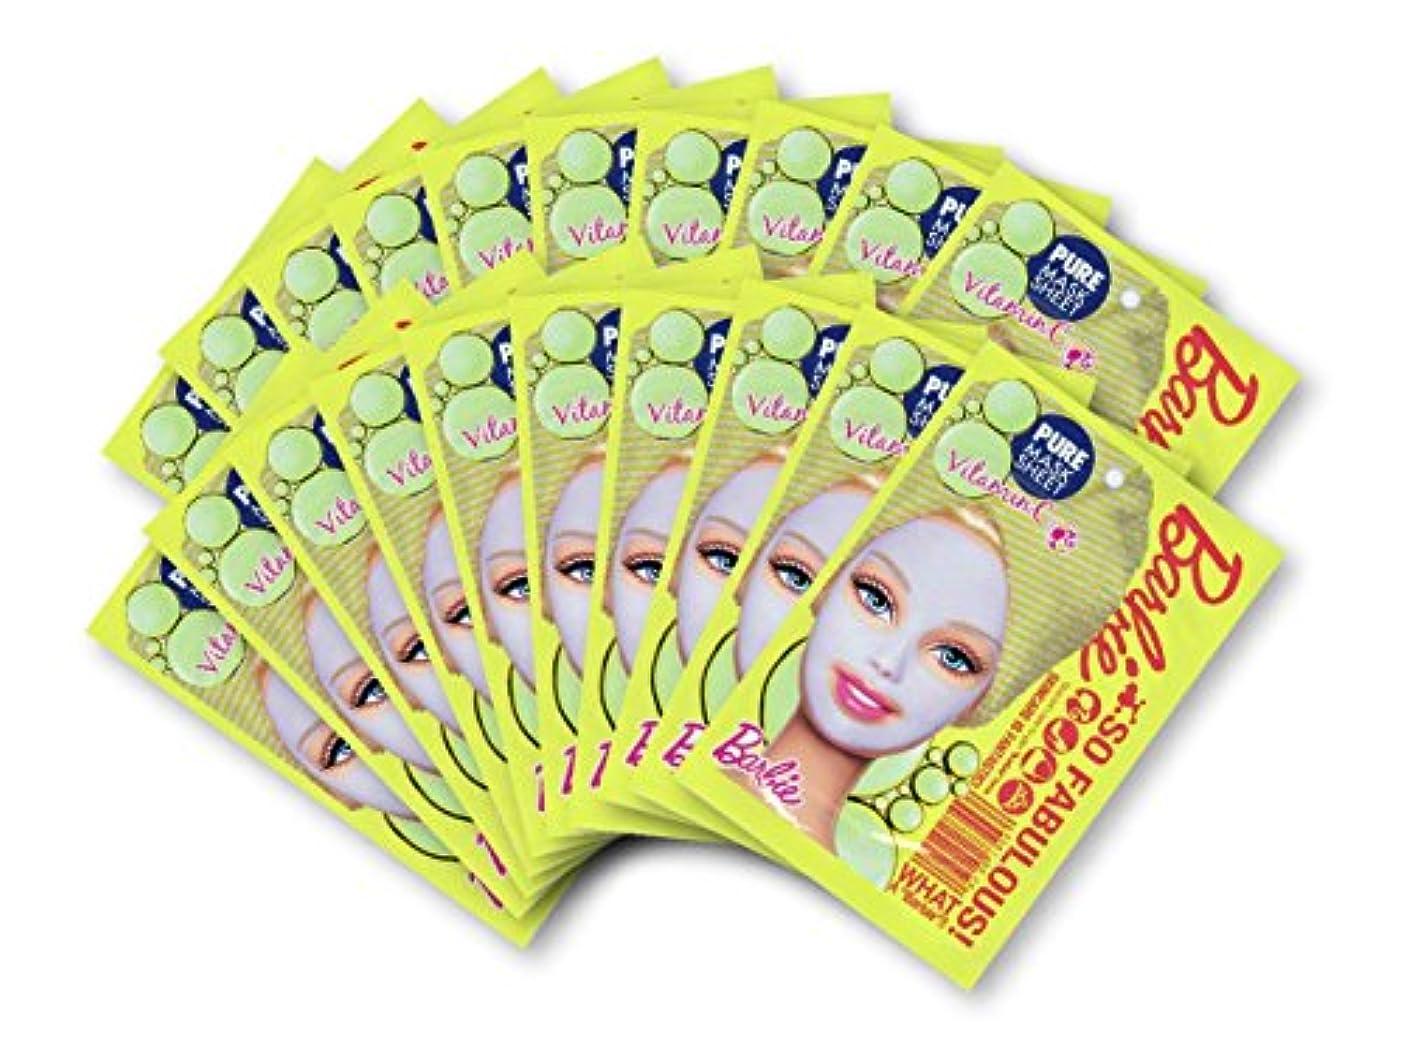 暗くするだらしないその他バービー (Barbie) フェイスマスク ピュアマスクシートN (ビタミンC) 25ml×20枚入り [透明感] 顔 シートマスク フェイスパック